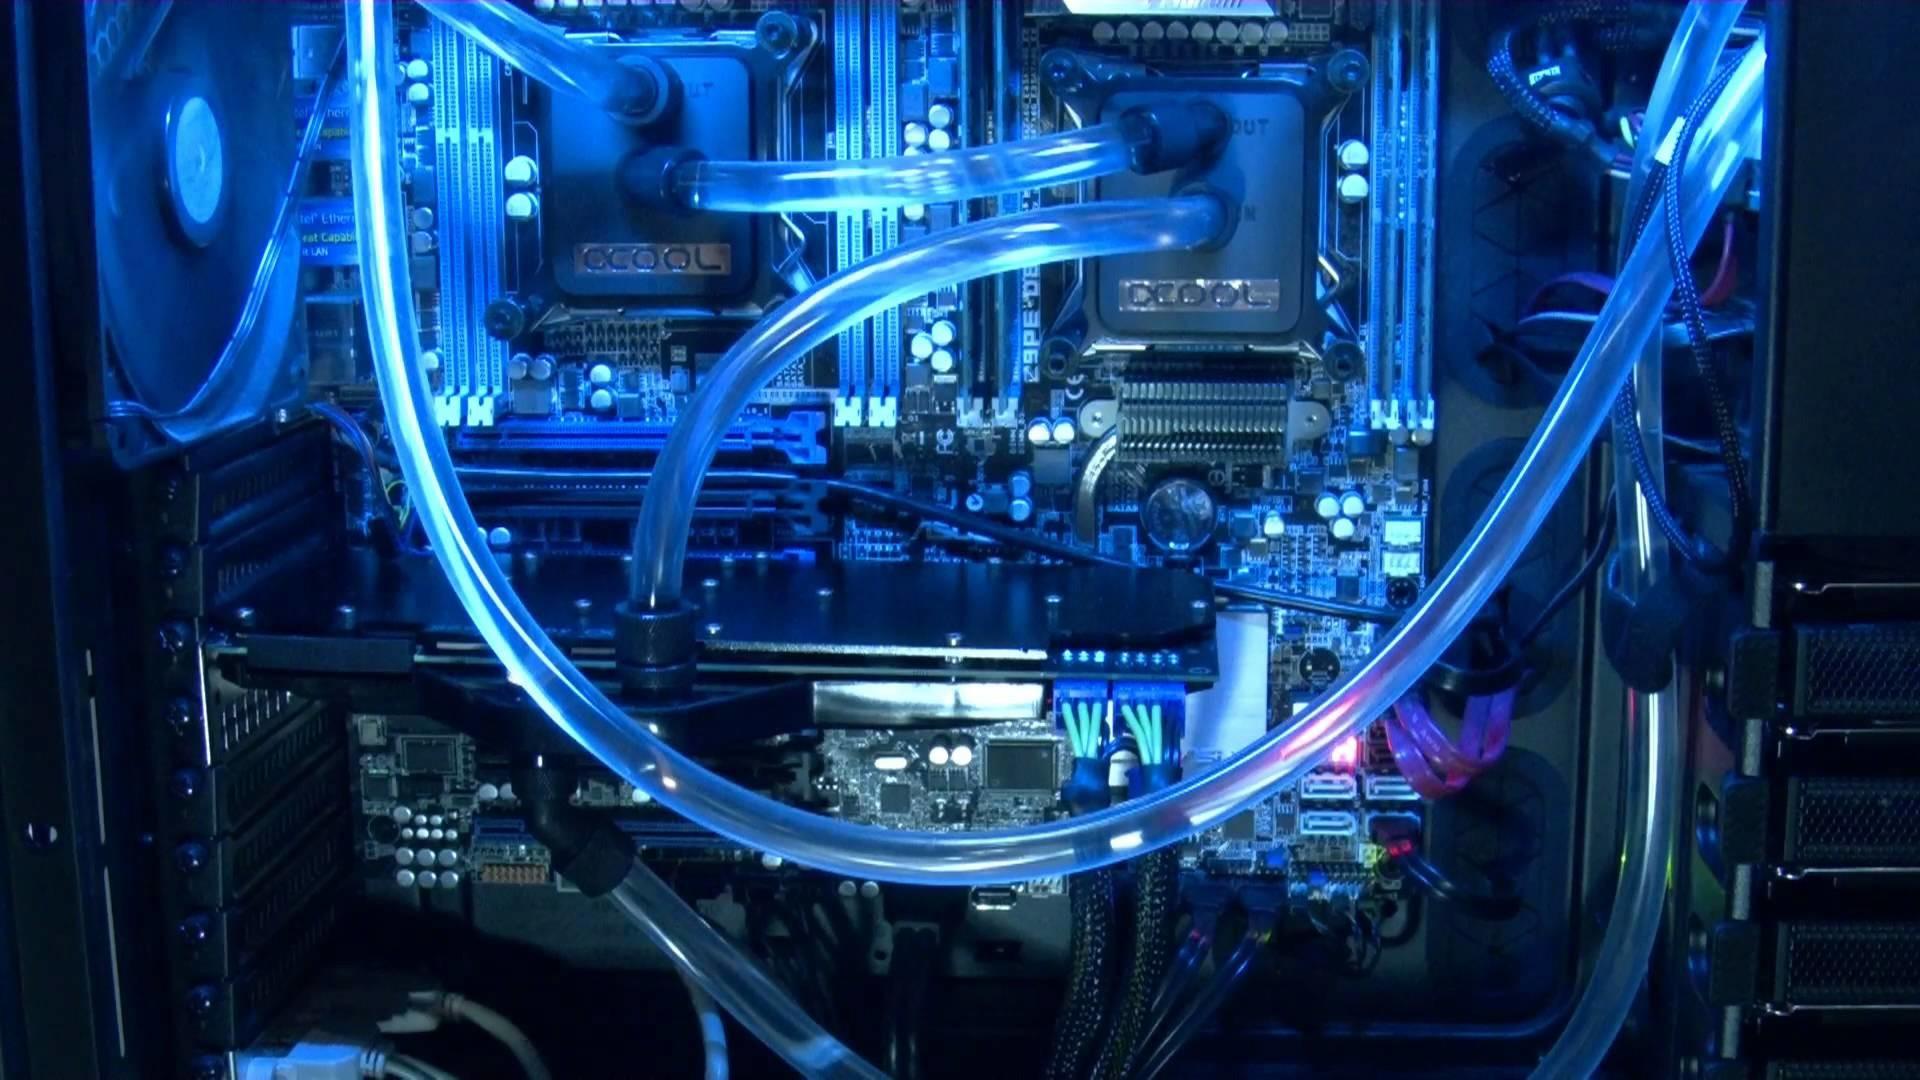 3d Cisco Hd 1920x1080 Wallpaper Google Data Center Wallpaper 63 Images